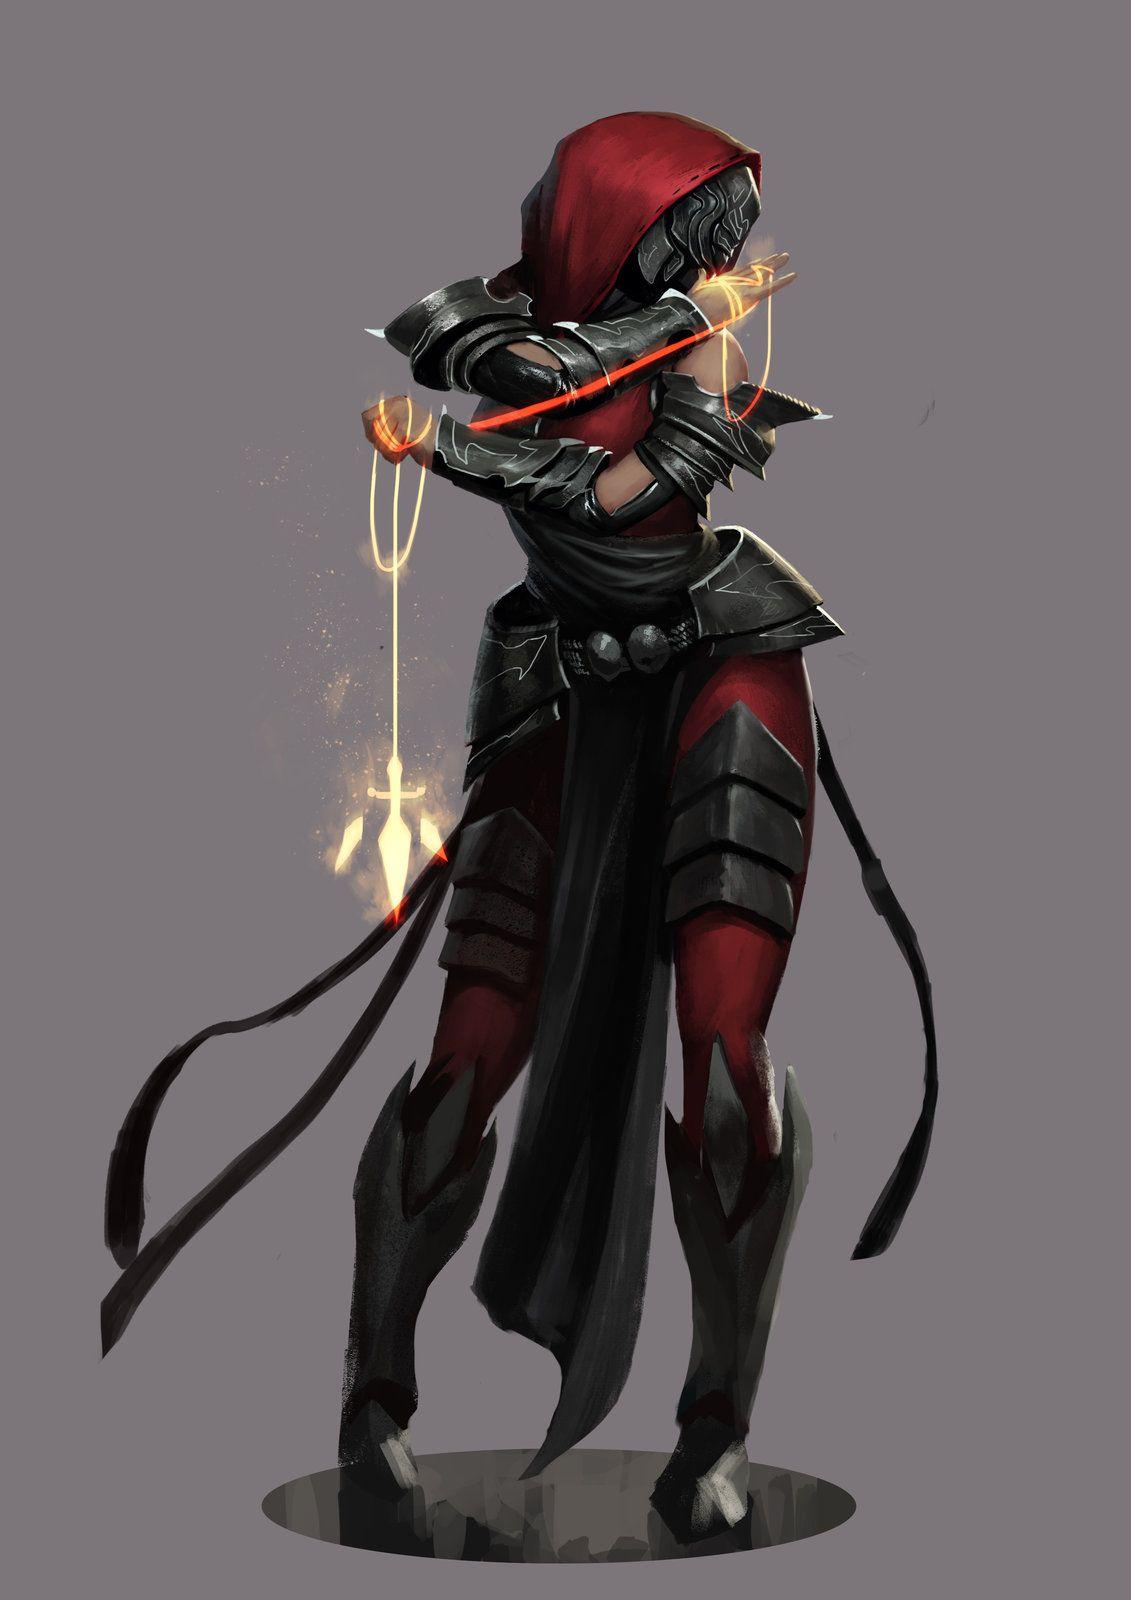 The Assassin, Josh Corpuz on ArtStation at https://www.artstation.com/artwork/the-assassin-46e2c287-9243-4a09-aeb7-391dabee6610